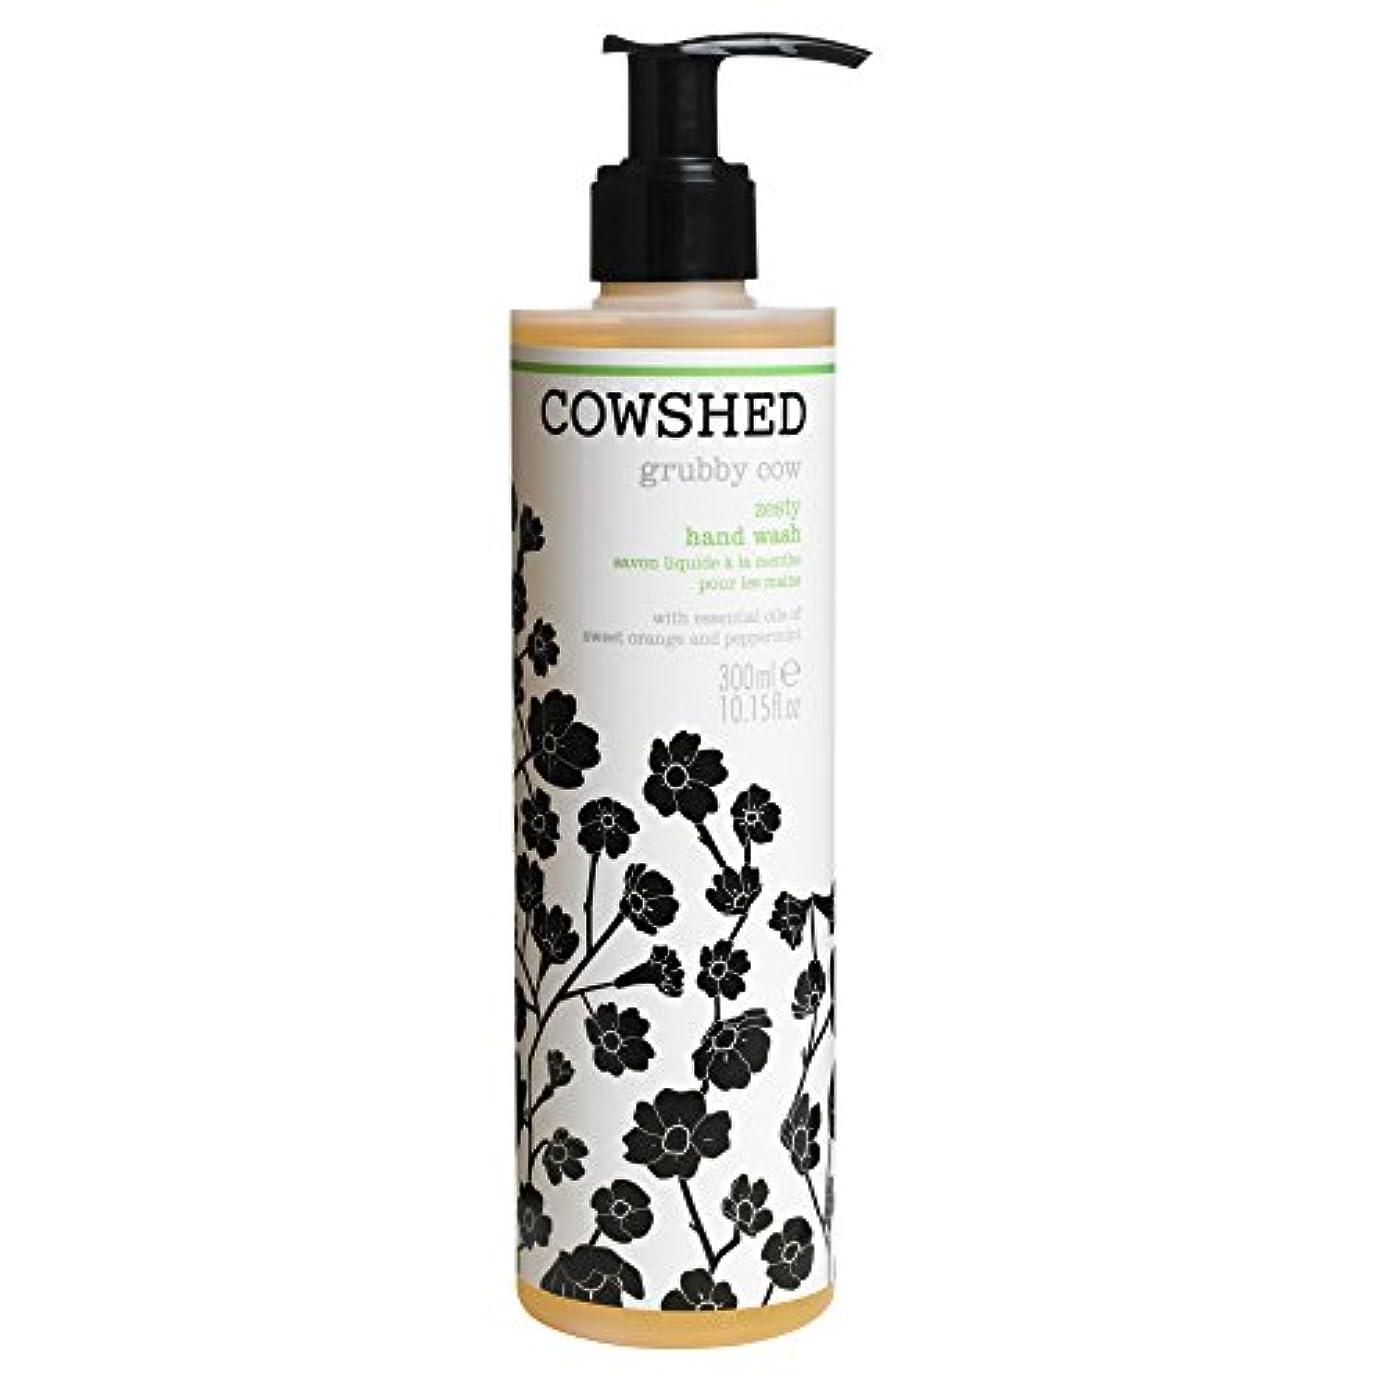 機知に富んだ与えるポンペイ牛舎汚い牛ピリッハンドウォッシュ300ミリリットル (Cowshed) - Cowshed Grubby Cow Zesty Hand Wash 300ml [並行輸入品]